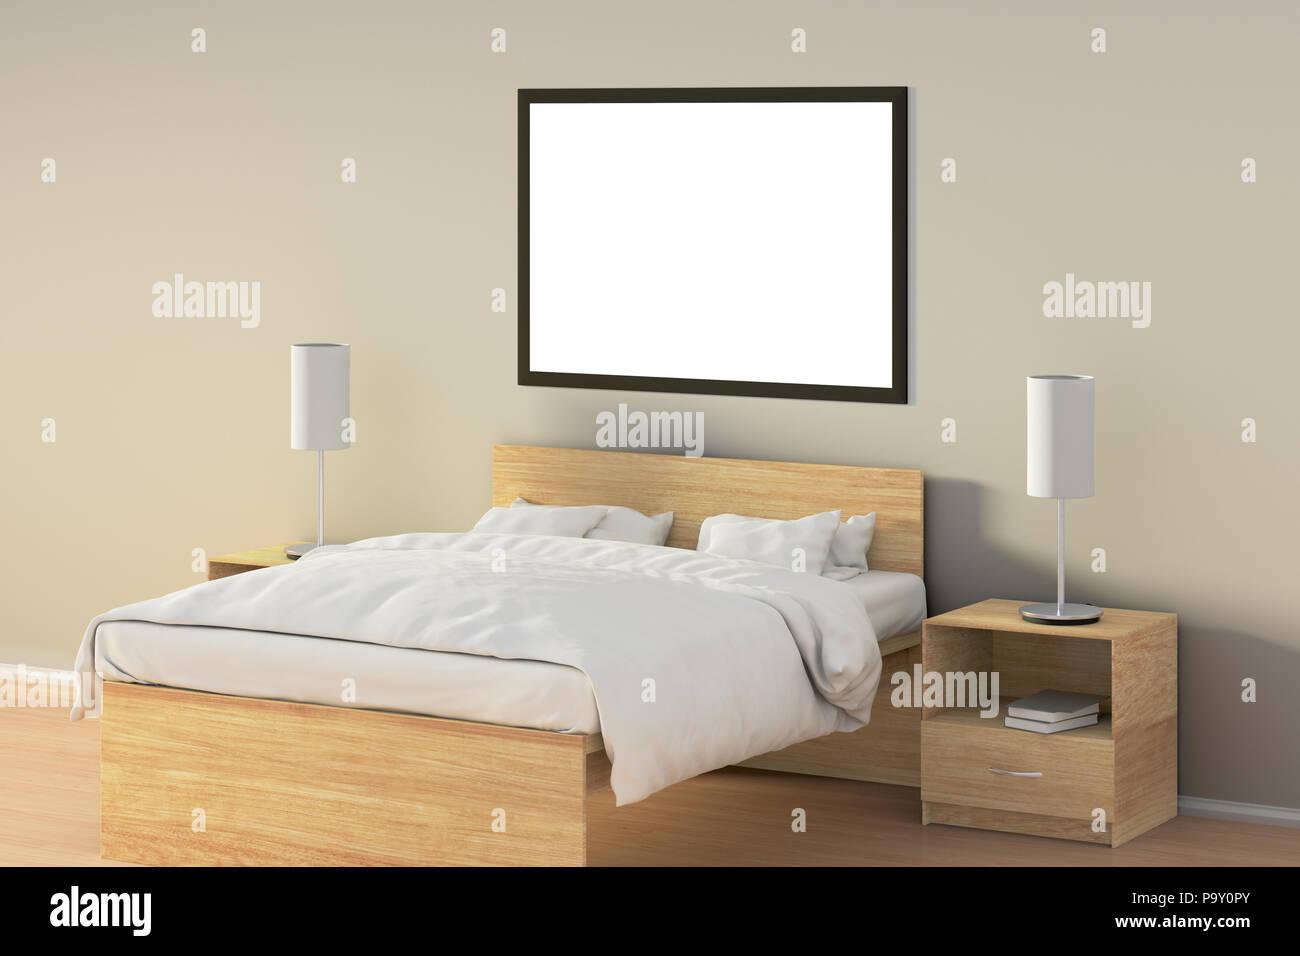 Leere horizontale Poster im Schlafzimmer über Holzbett. Mit ...